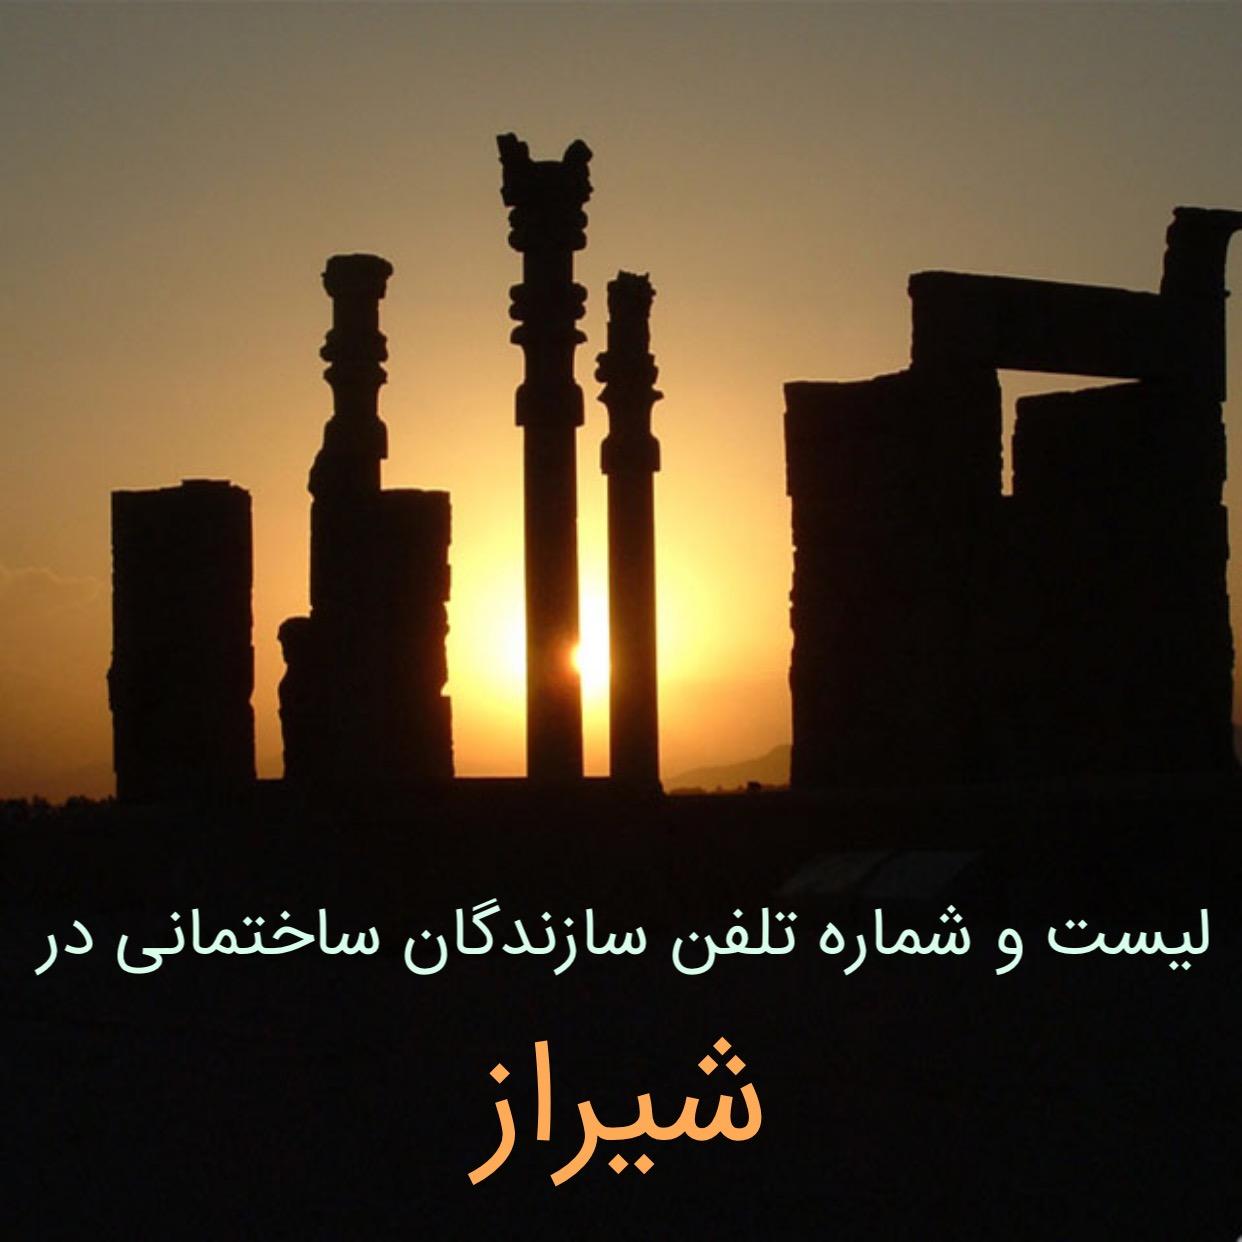 شماره تلفن سازندگان شیراز